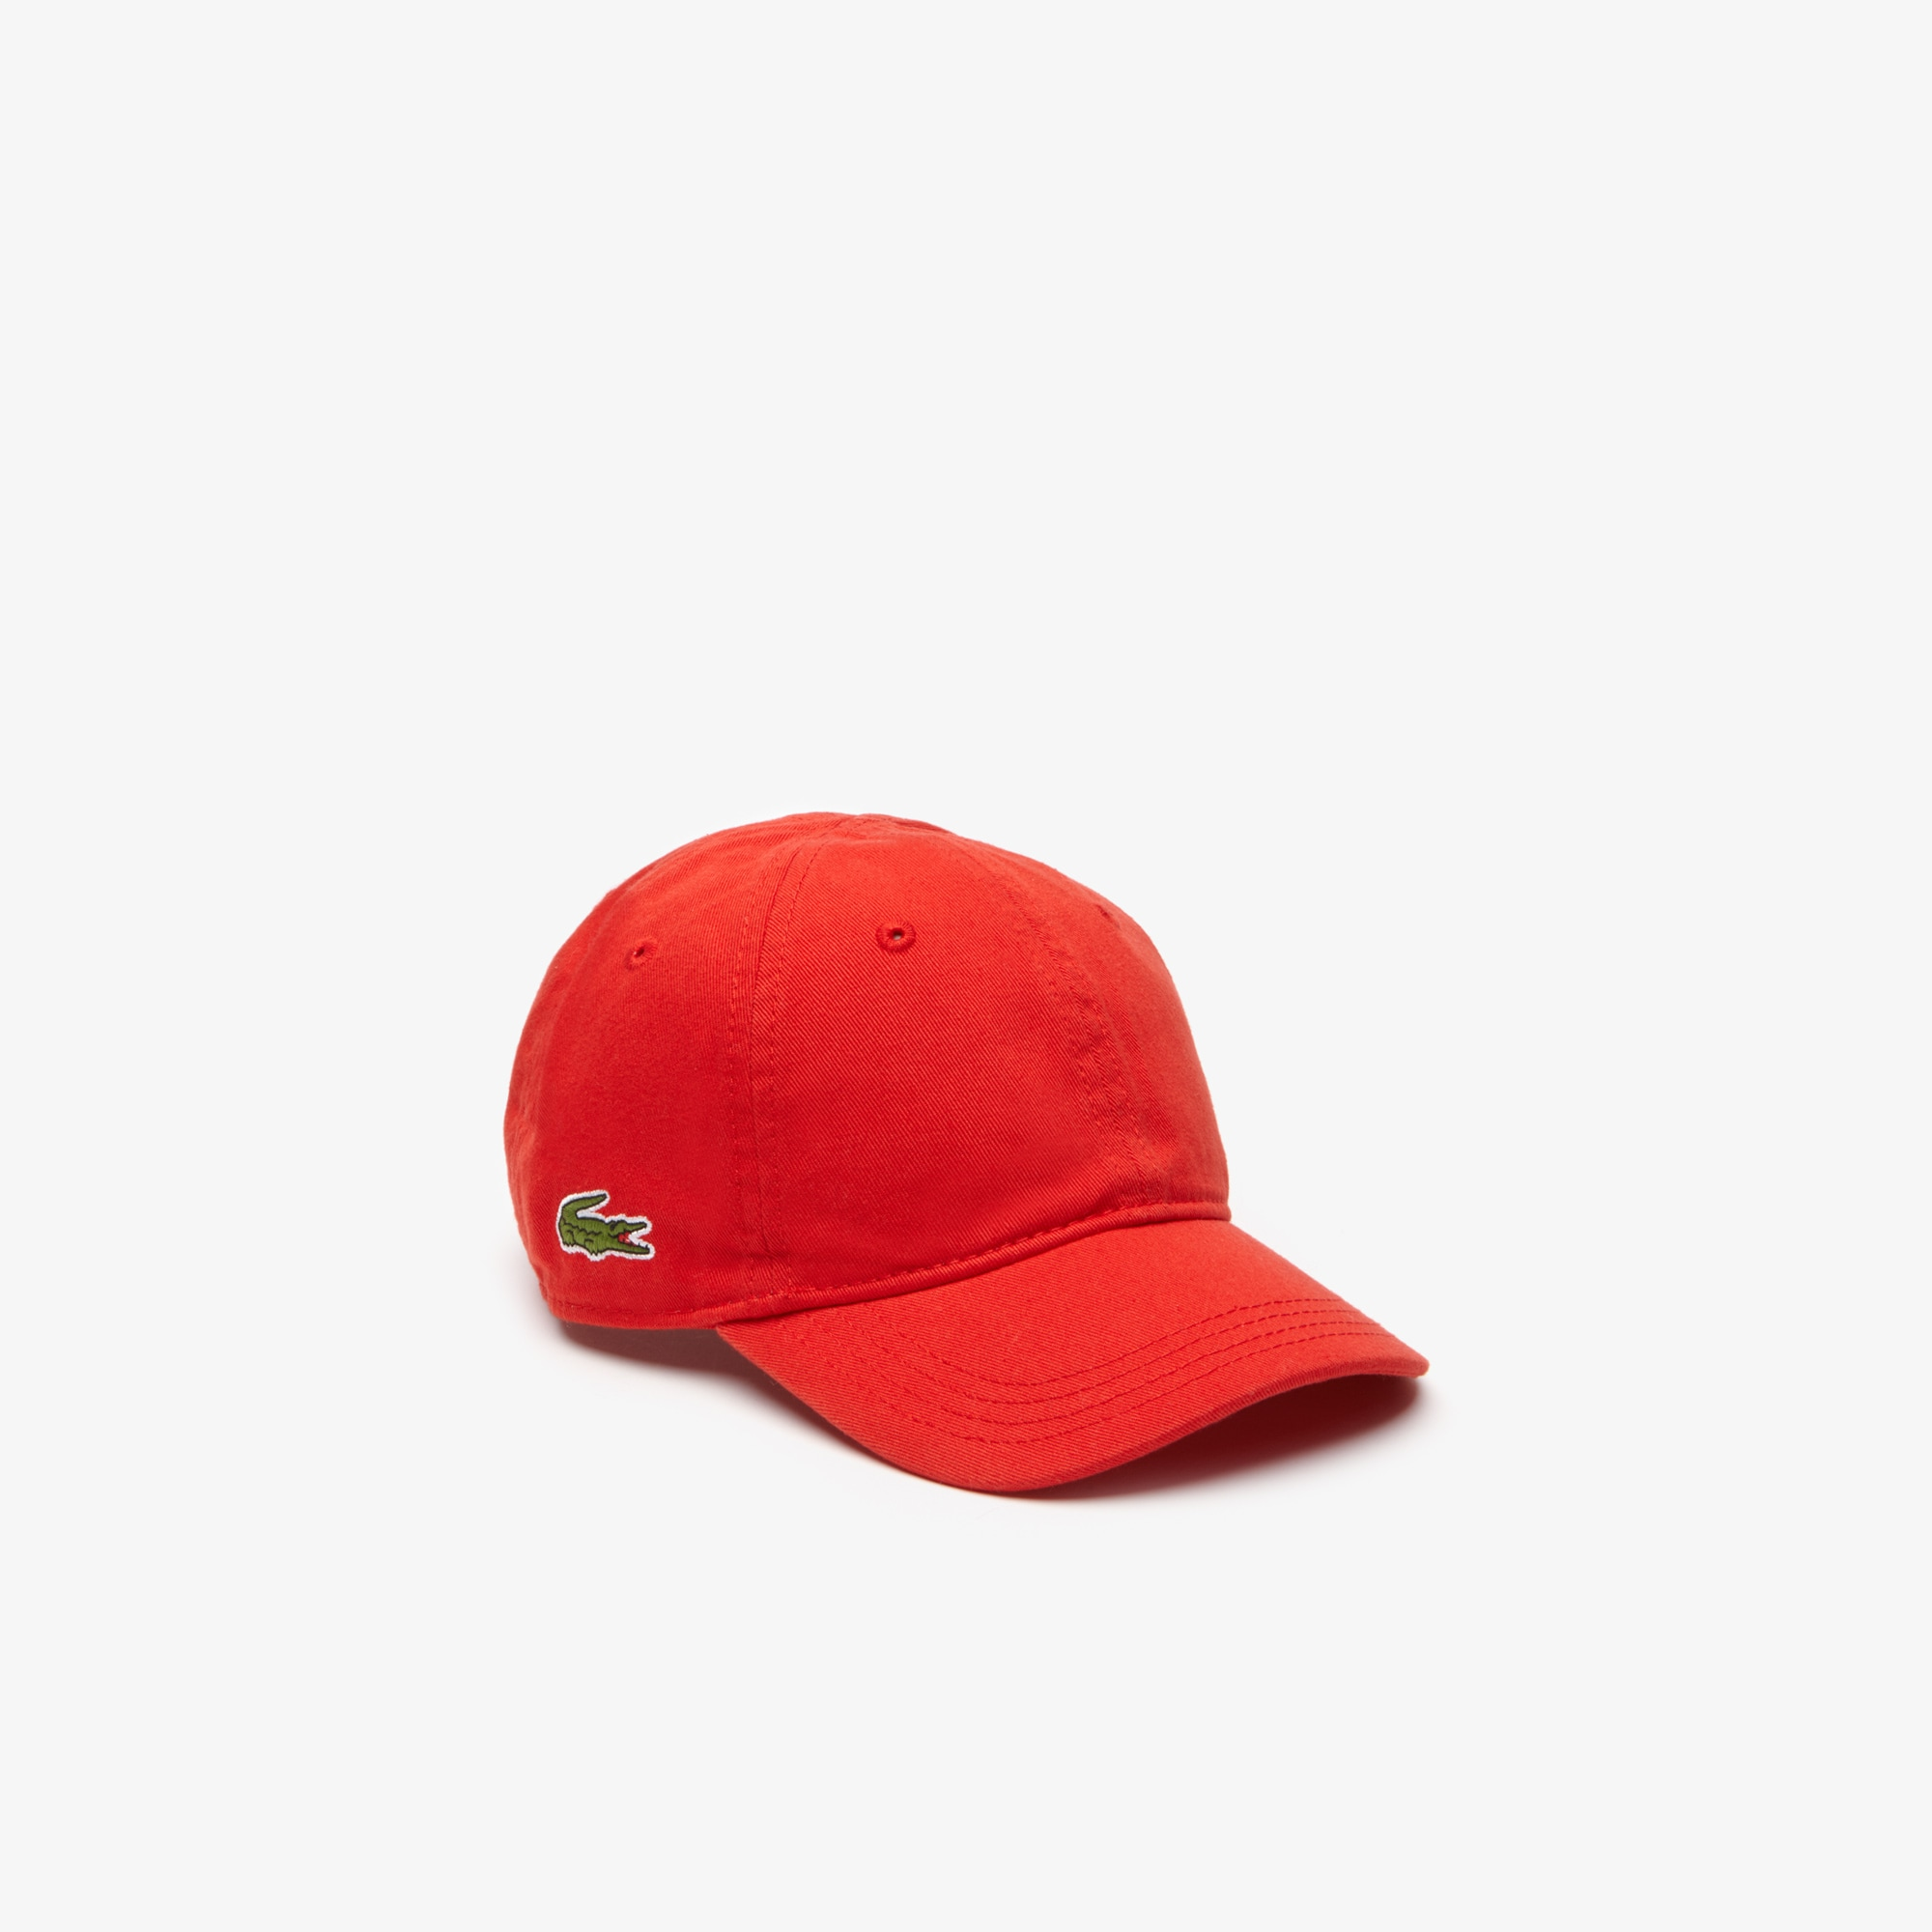 Chapeaux, Casquettes   Bonnets pour Enfant   LACOSTE 1150c7fc4a4